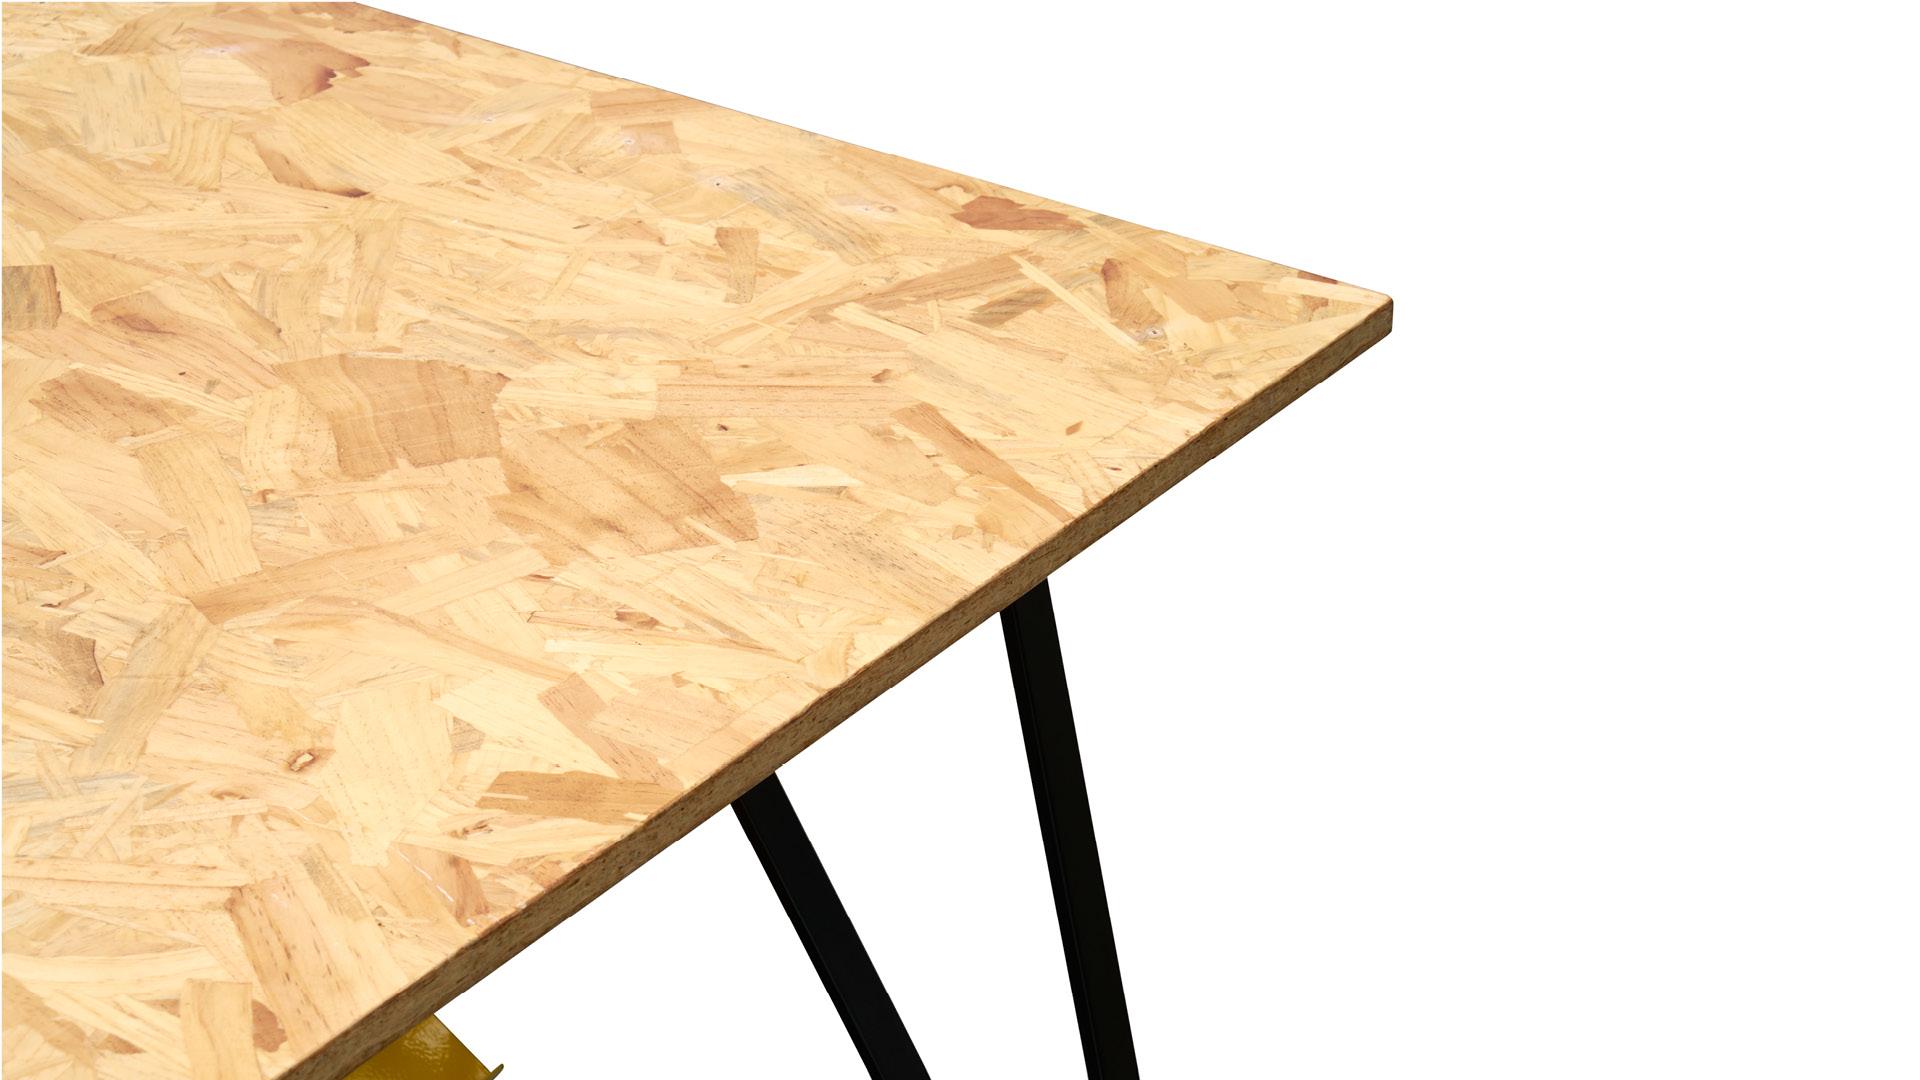 桌面采用最早来自欧洲,上世纪七八十年代风靡欧美家具业的欧松板。重组木质纹理结构的新型板种,甲醛释放量几乎为零,符合E1级环保标准。自然原始的纹理效果,更添一抹奔放的艺术气息。